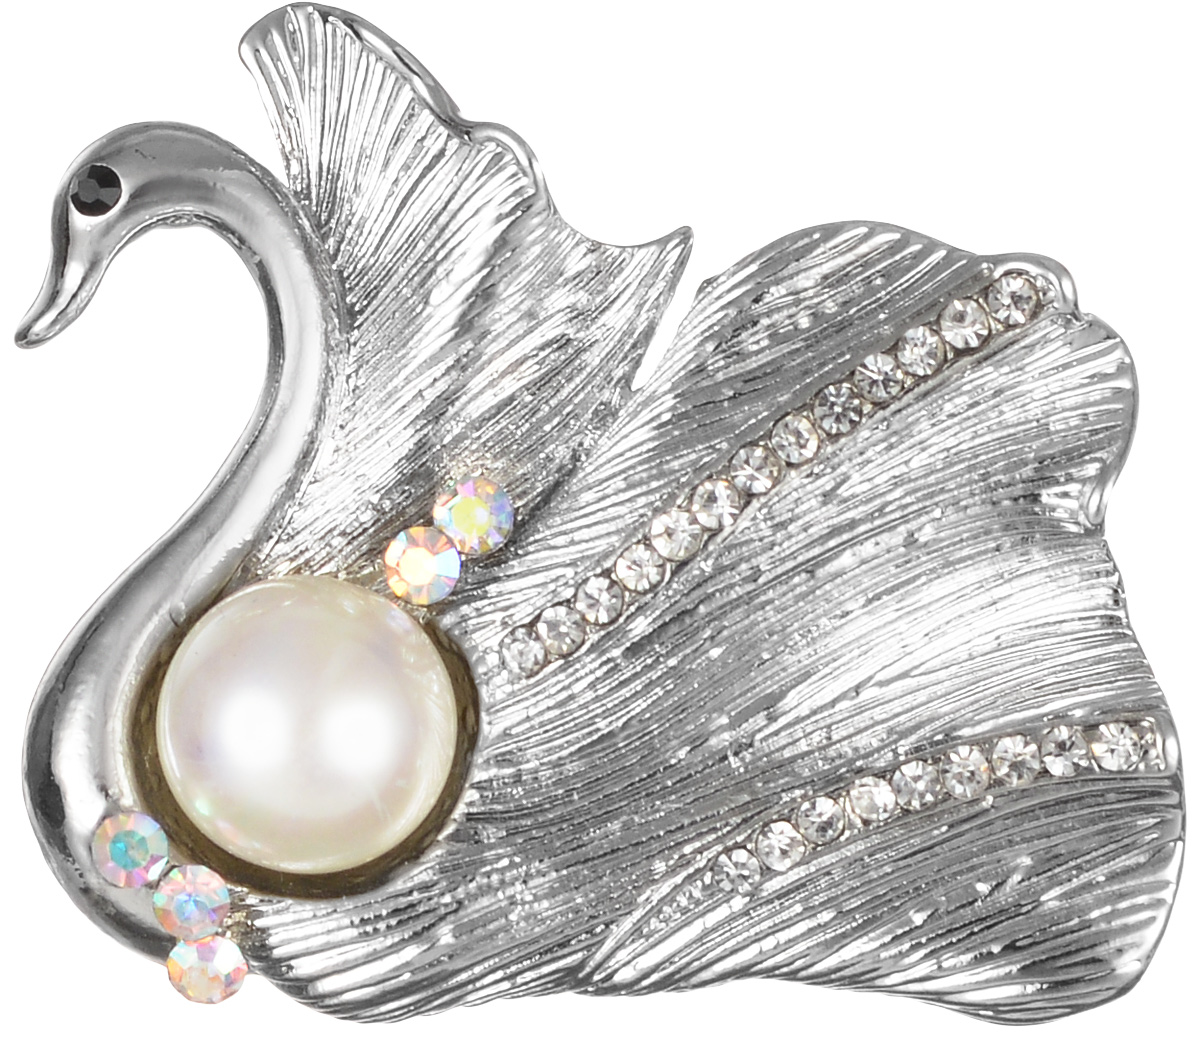 Брошь Fashion House, цвет: серебряный, белый. FH26354Брошь-булавкаЭффектная брошь Fashion House, выполнена в виде лебедя из бижутерного сплава и оформлена жемчужиной и стразами. Брошь крепится с помощью булавки с замочком. Такая брошь позволит вам с легкостью воплотить самую смелую фантазию и создать собственный, неповторимый образ.